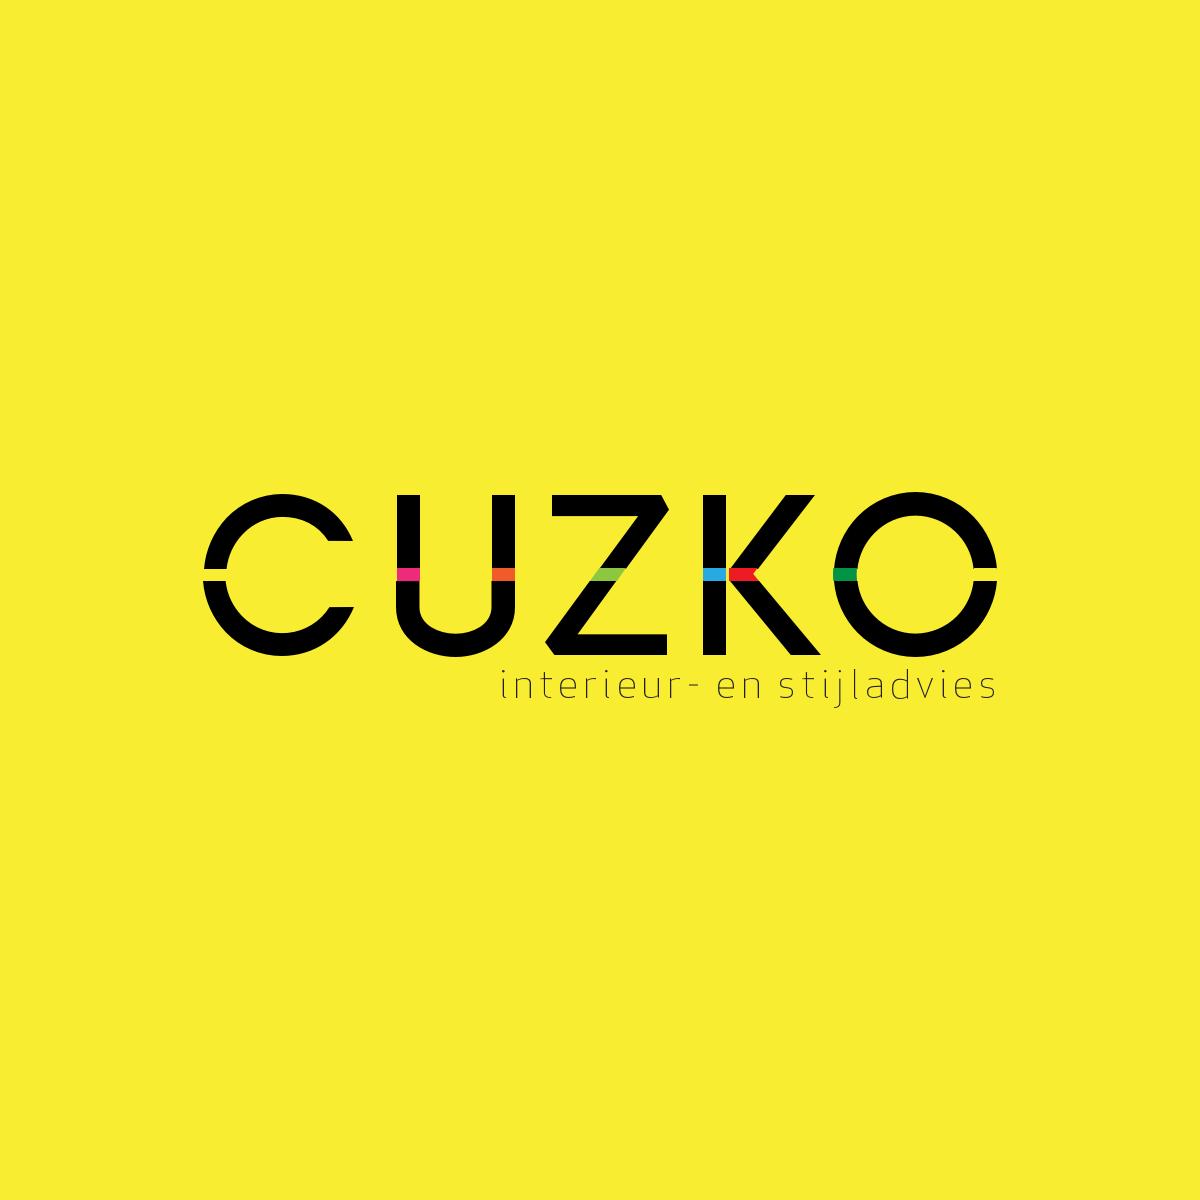 Cuzko_1200x1200